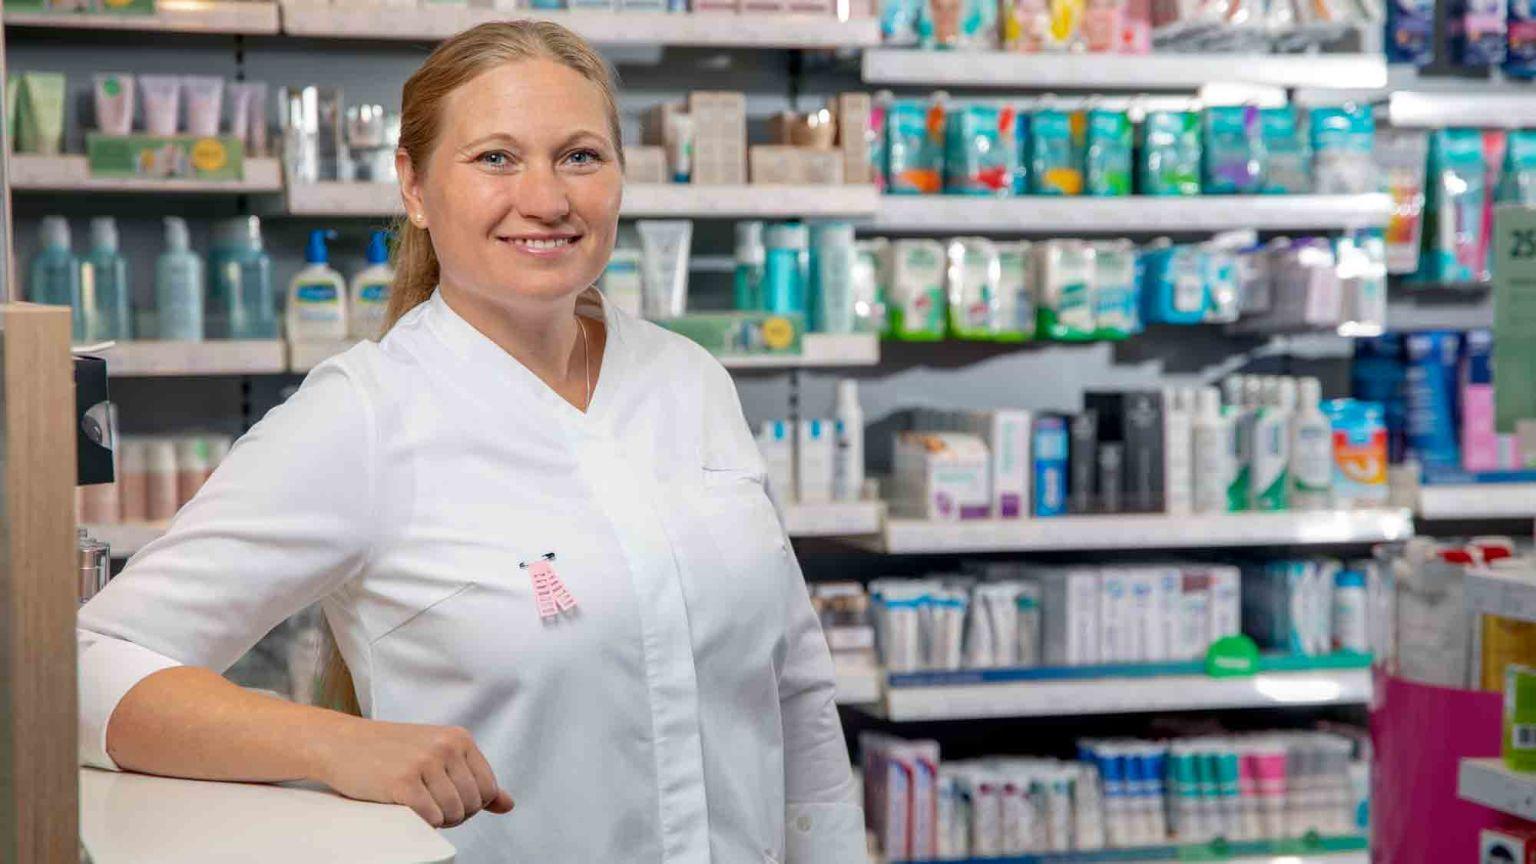 Jessica Albinsson, butikschef för Apotek Hjärtat i Hudiksvall